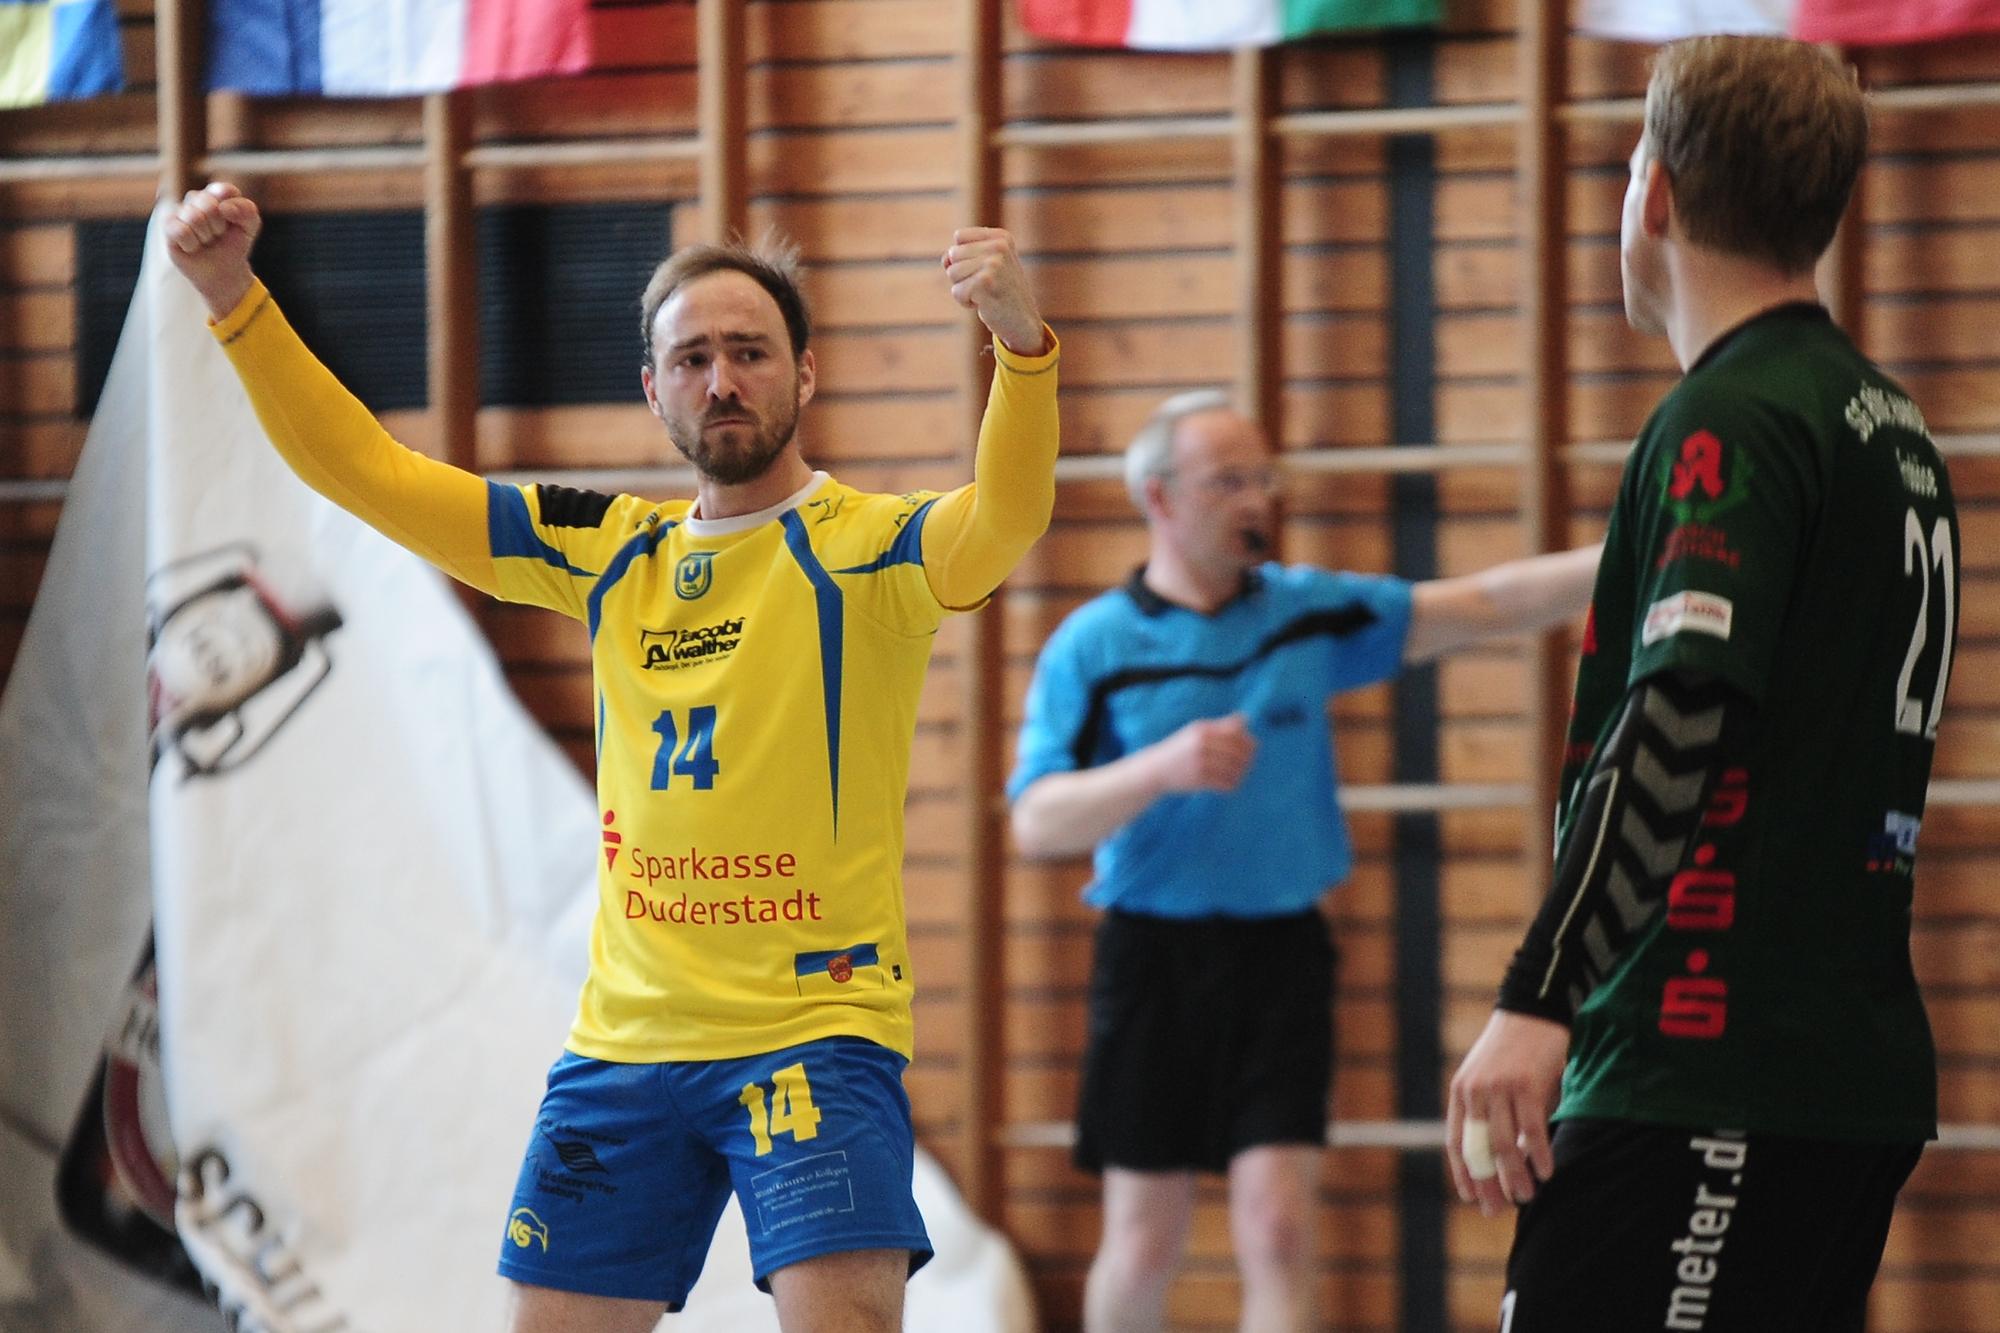 Marcel Effenberger, Kapitän des TV Jahn Duderstadt